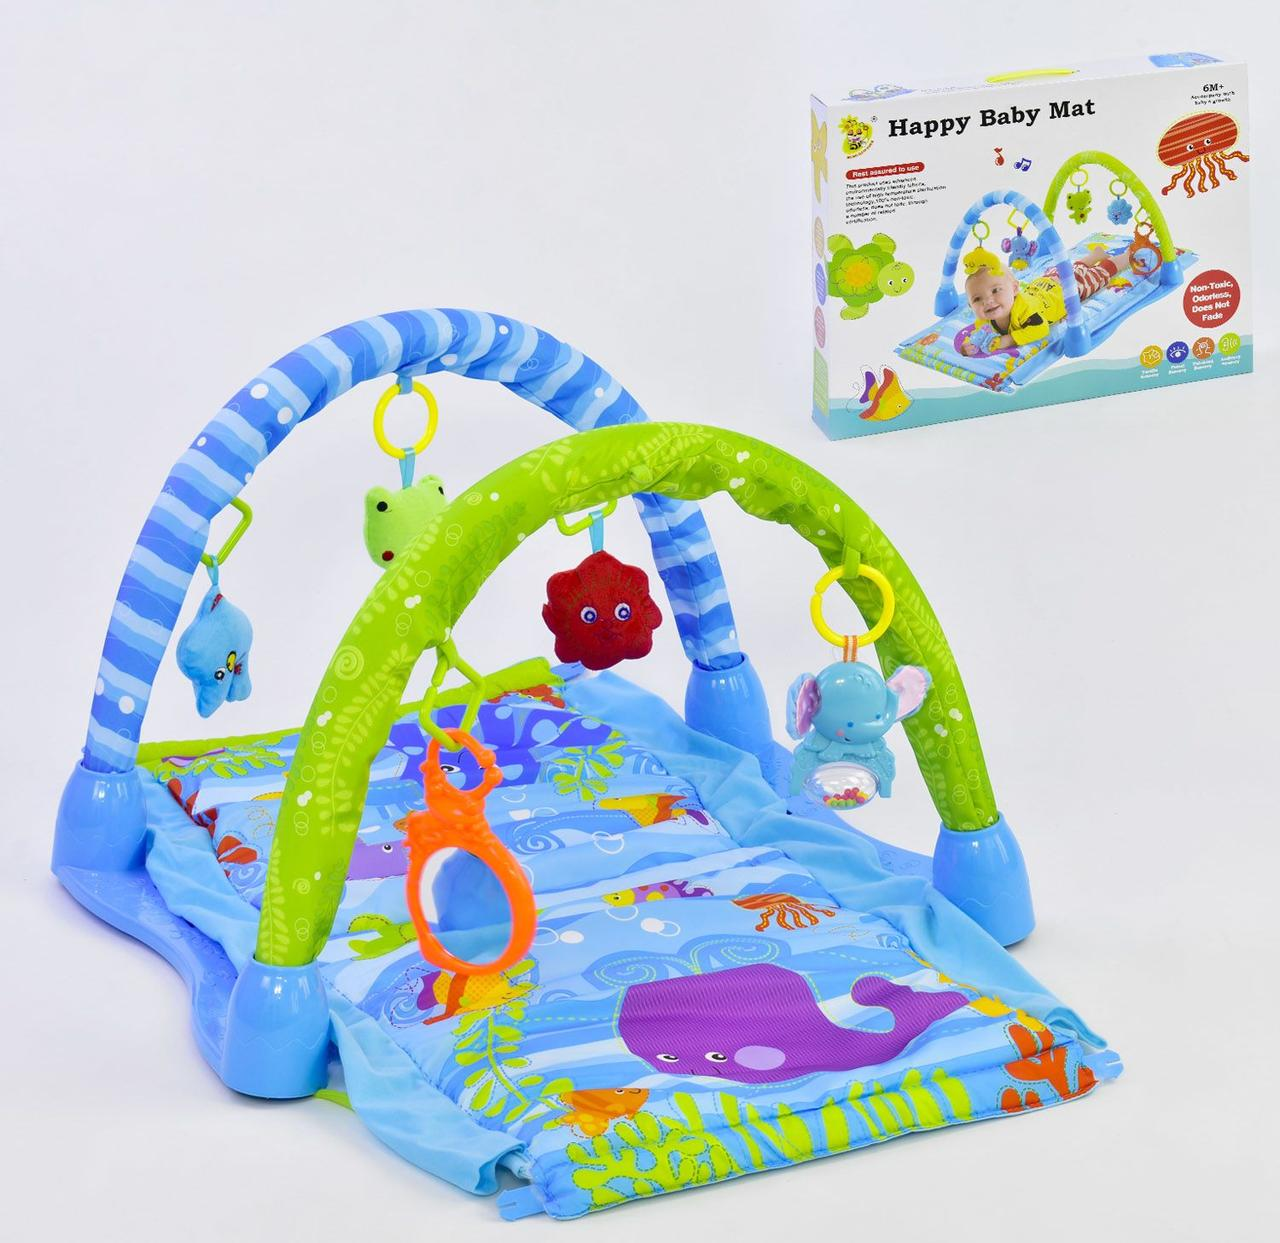 Коврик игровой с 3 мягкими подвесками, 1 музыкальной подвеской, Зеркалом для Малыша